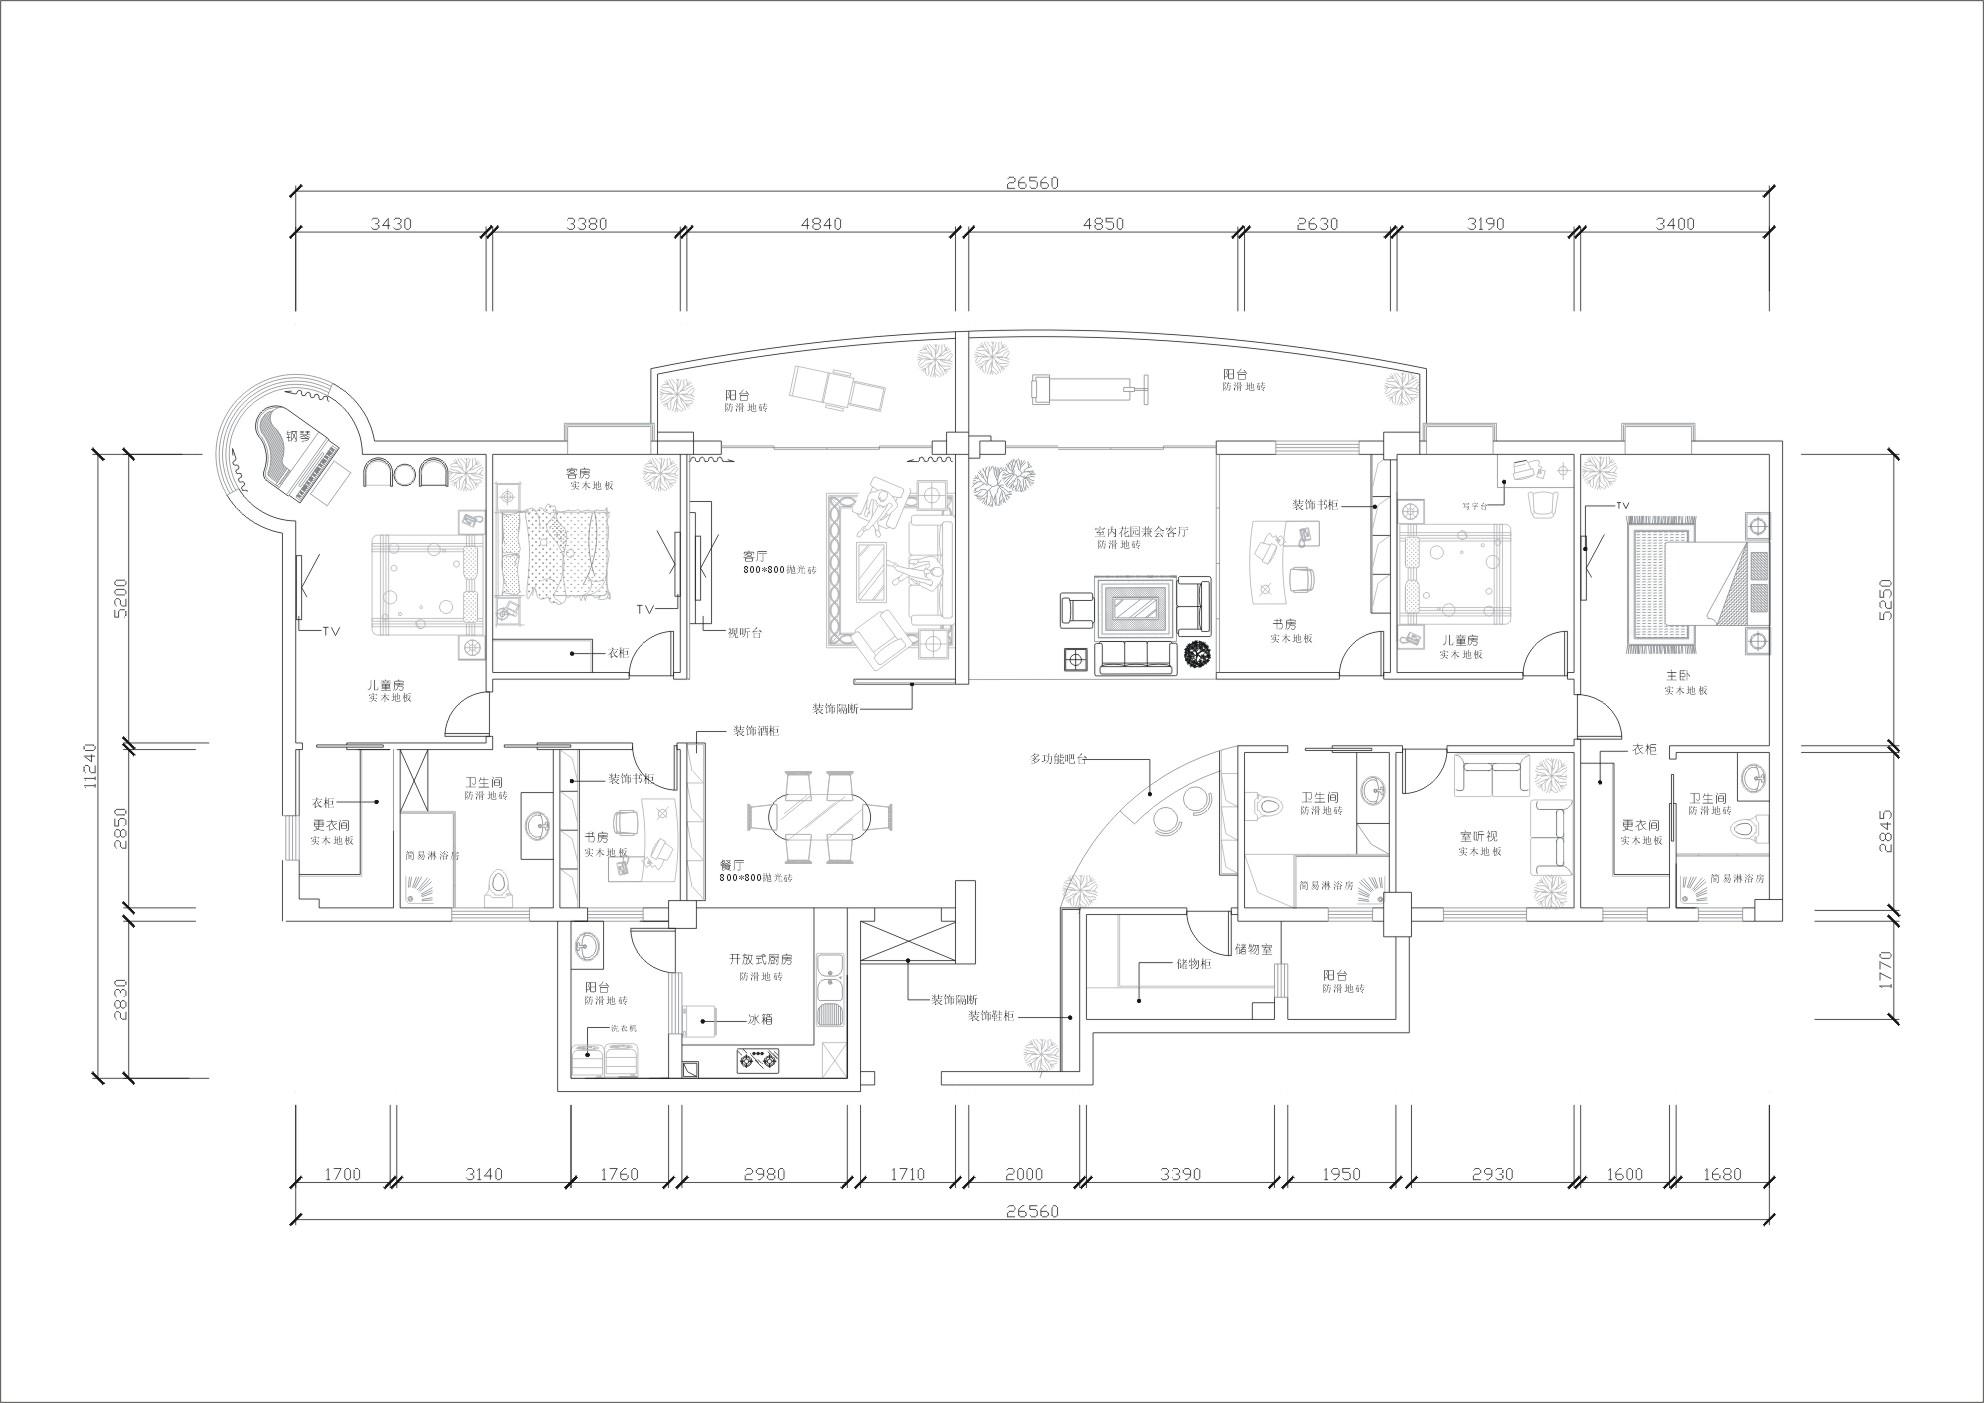 家居平面图设计 此为两套打通为一套的居室,一共300多平米。 需求: 图中左边要一间儿童房(拟置于带图形窗台位置)和一间客房,儿童房要放一台钢琴,带卫生间,带书房功能(可考虑单间),带更衣室的功能; 厨房和餐厅在图中左边; 客卫在图中左边,带淋浴功能。 图中右边要一间主卧,带主卫,带更衣室功能;要一间儿童房,带书房功能; 要一个客厅(会客),一个书房(大书柜、带电脑和书画功能),一个视听室(看高清投影),一个储物室(要够大)。 阳台放洗衣机,